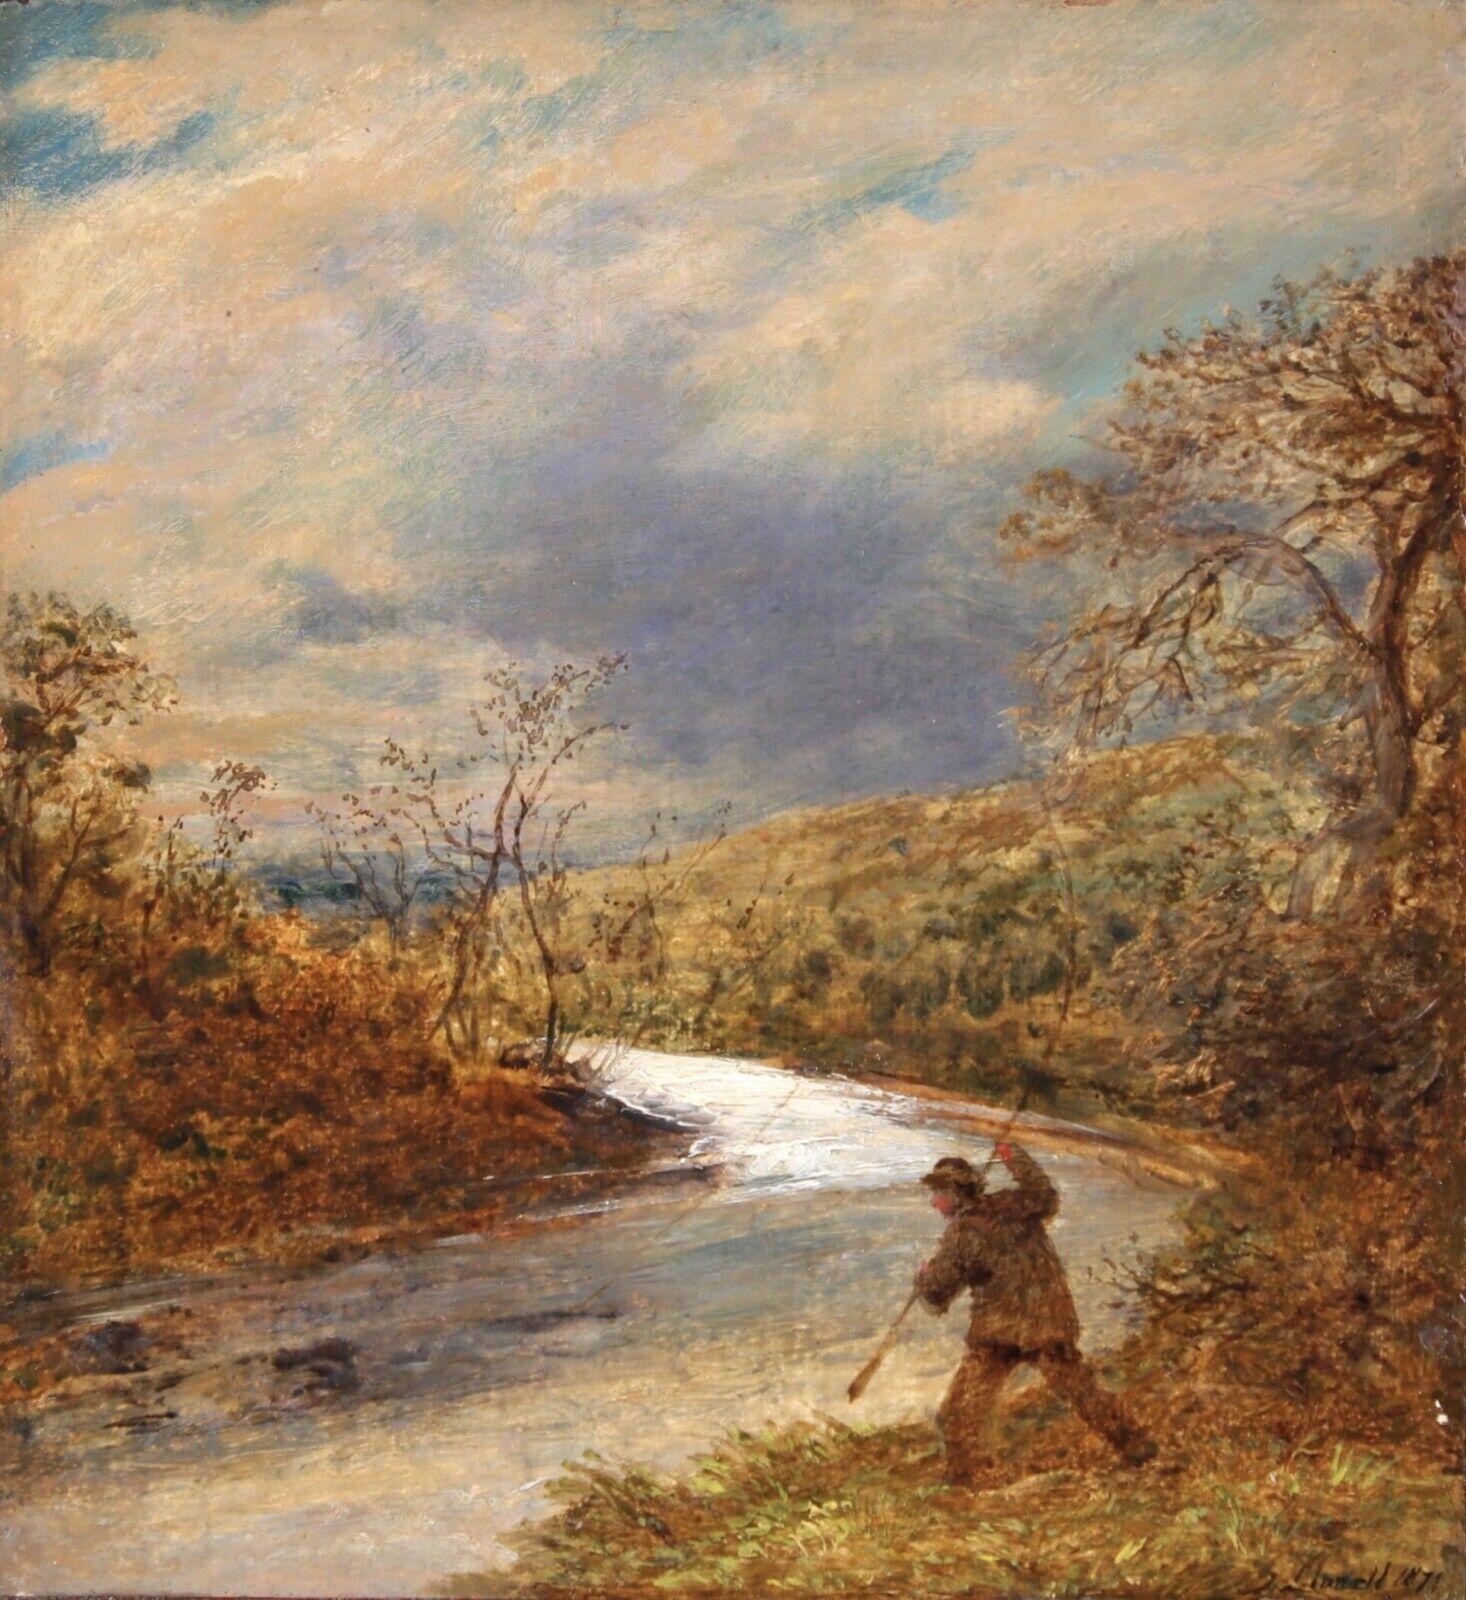 John Linnell (British 1792-1882): The Angler